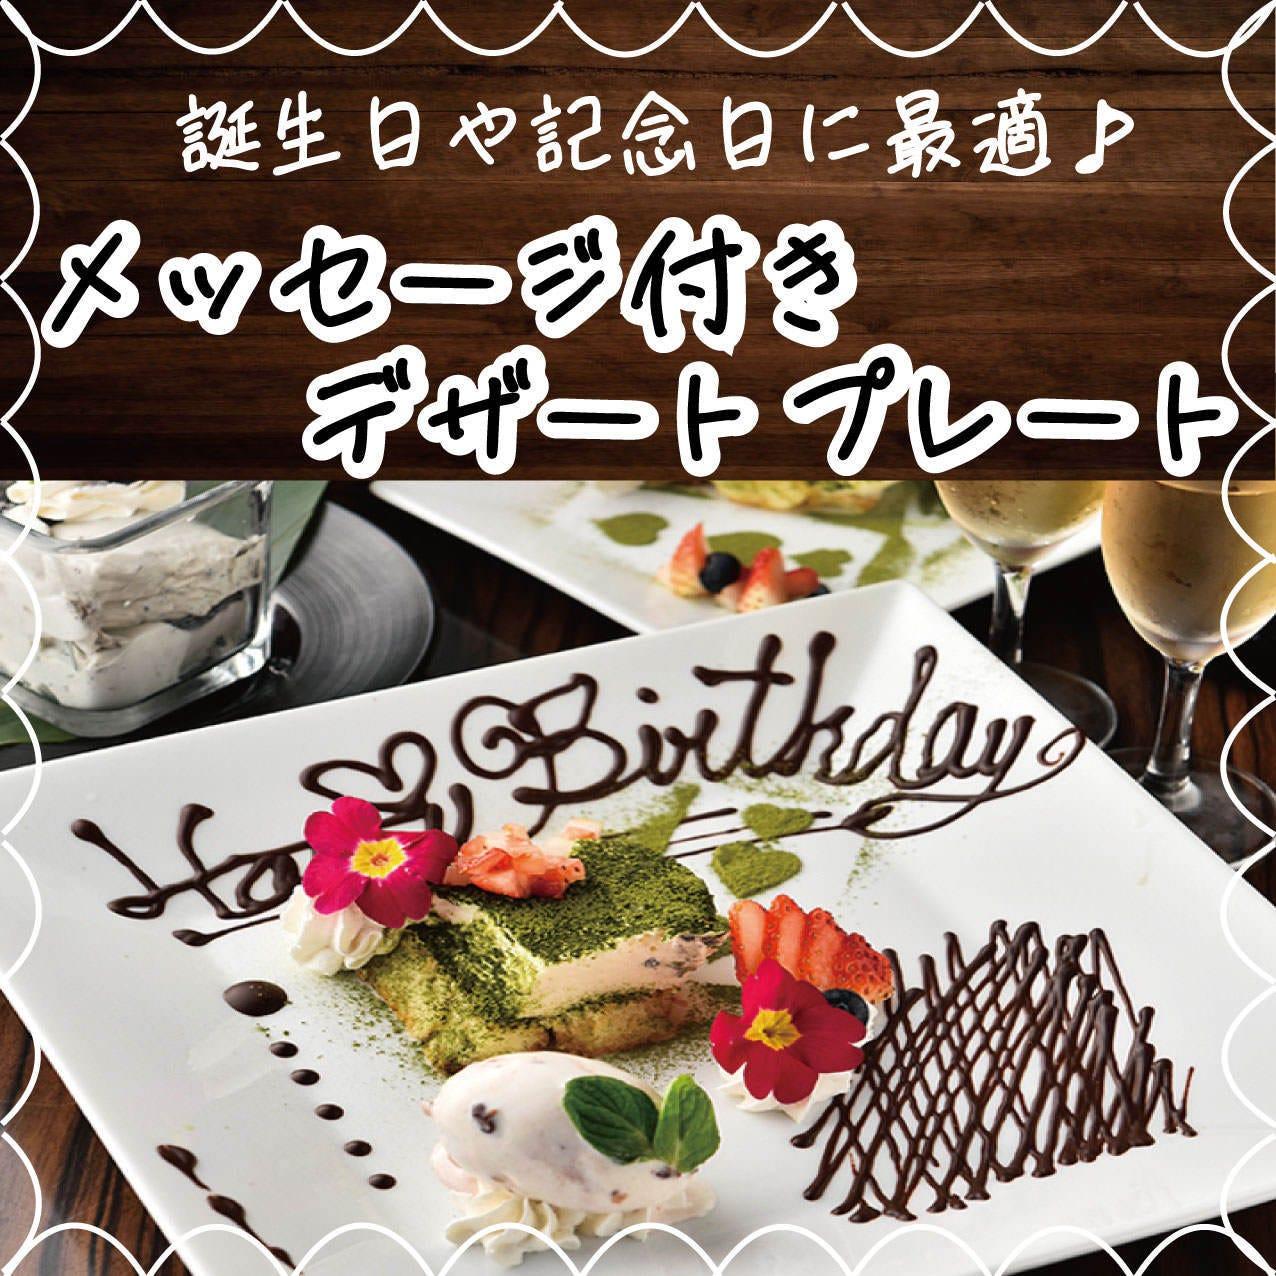 誕生日・記念日にサプライズ特典